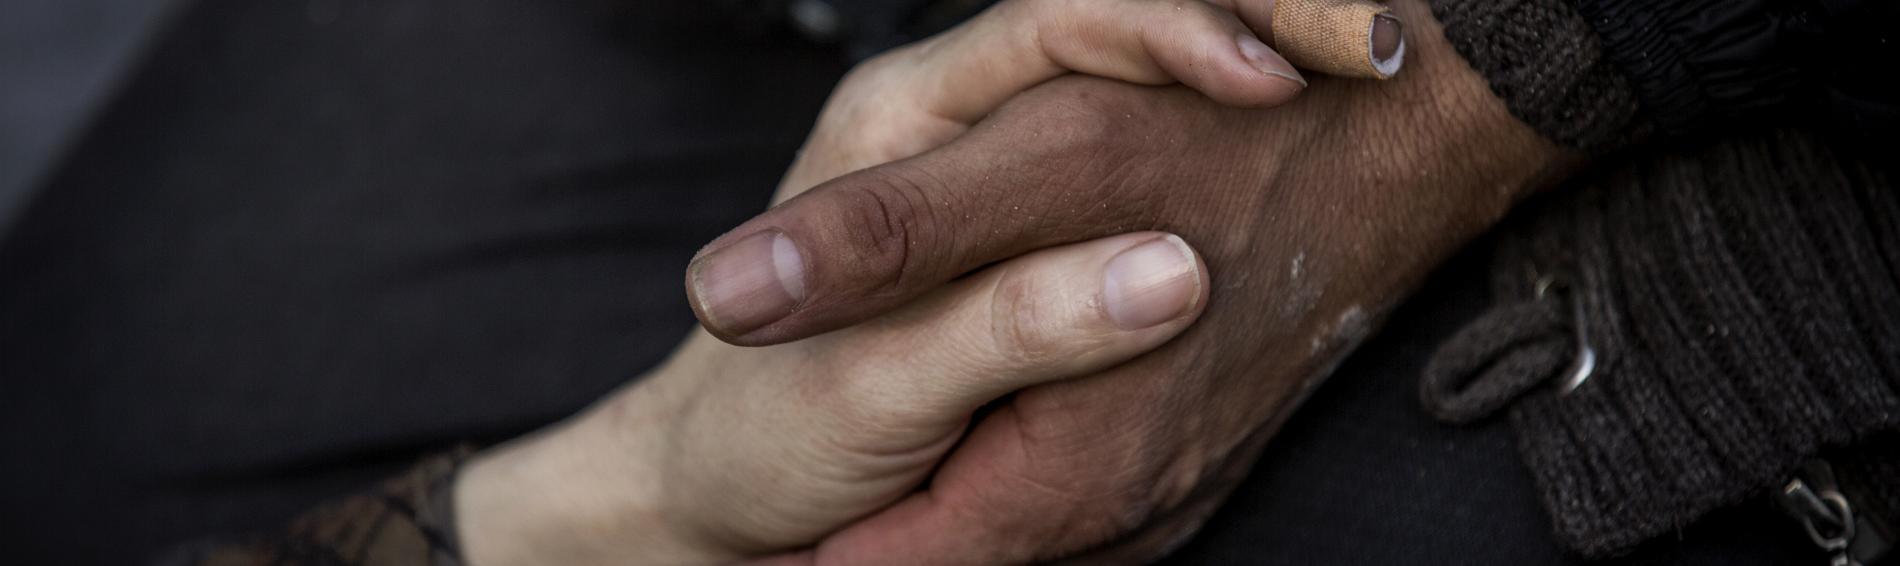 Zwei Hände greifen ineinander. Foto: Olmo Calvo